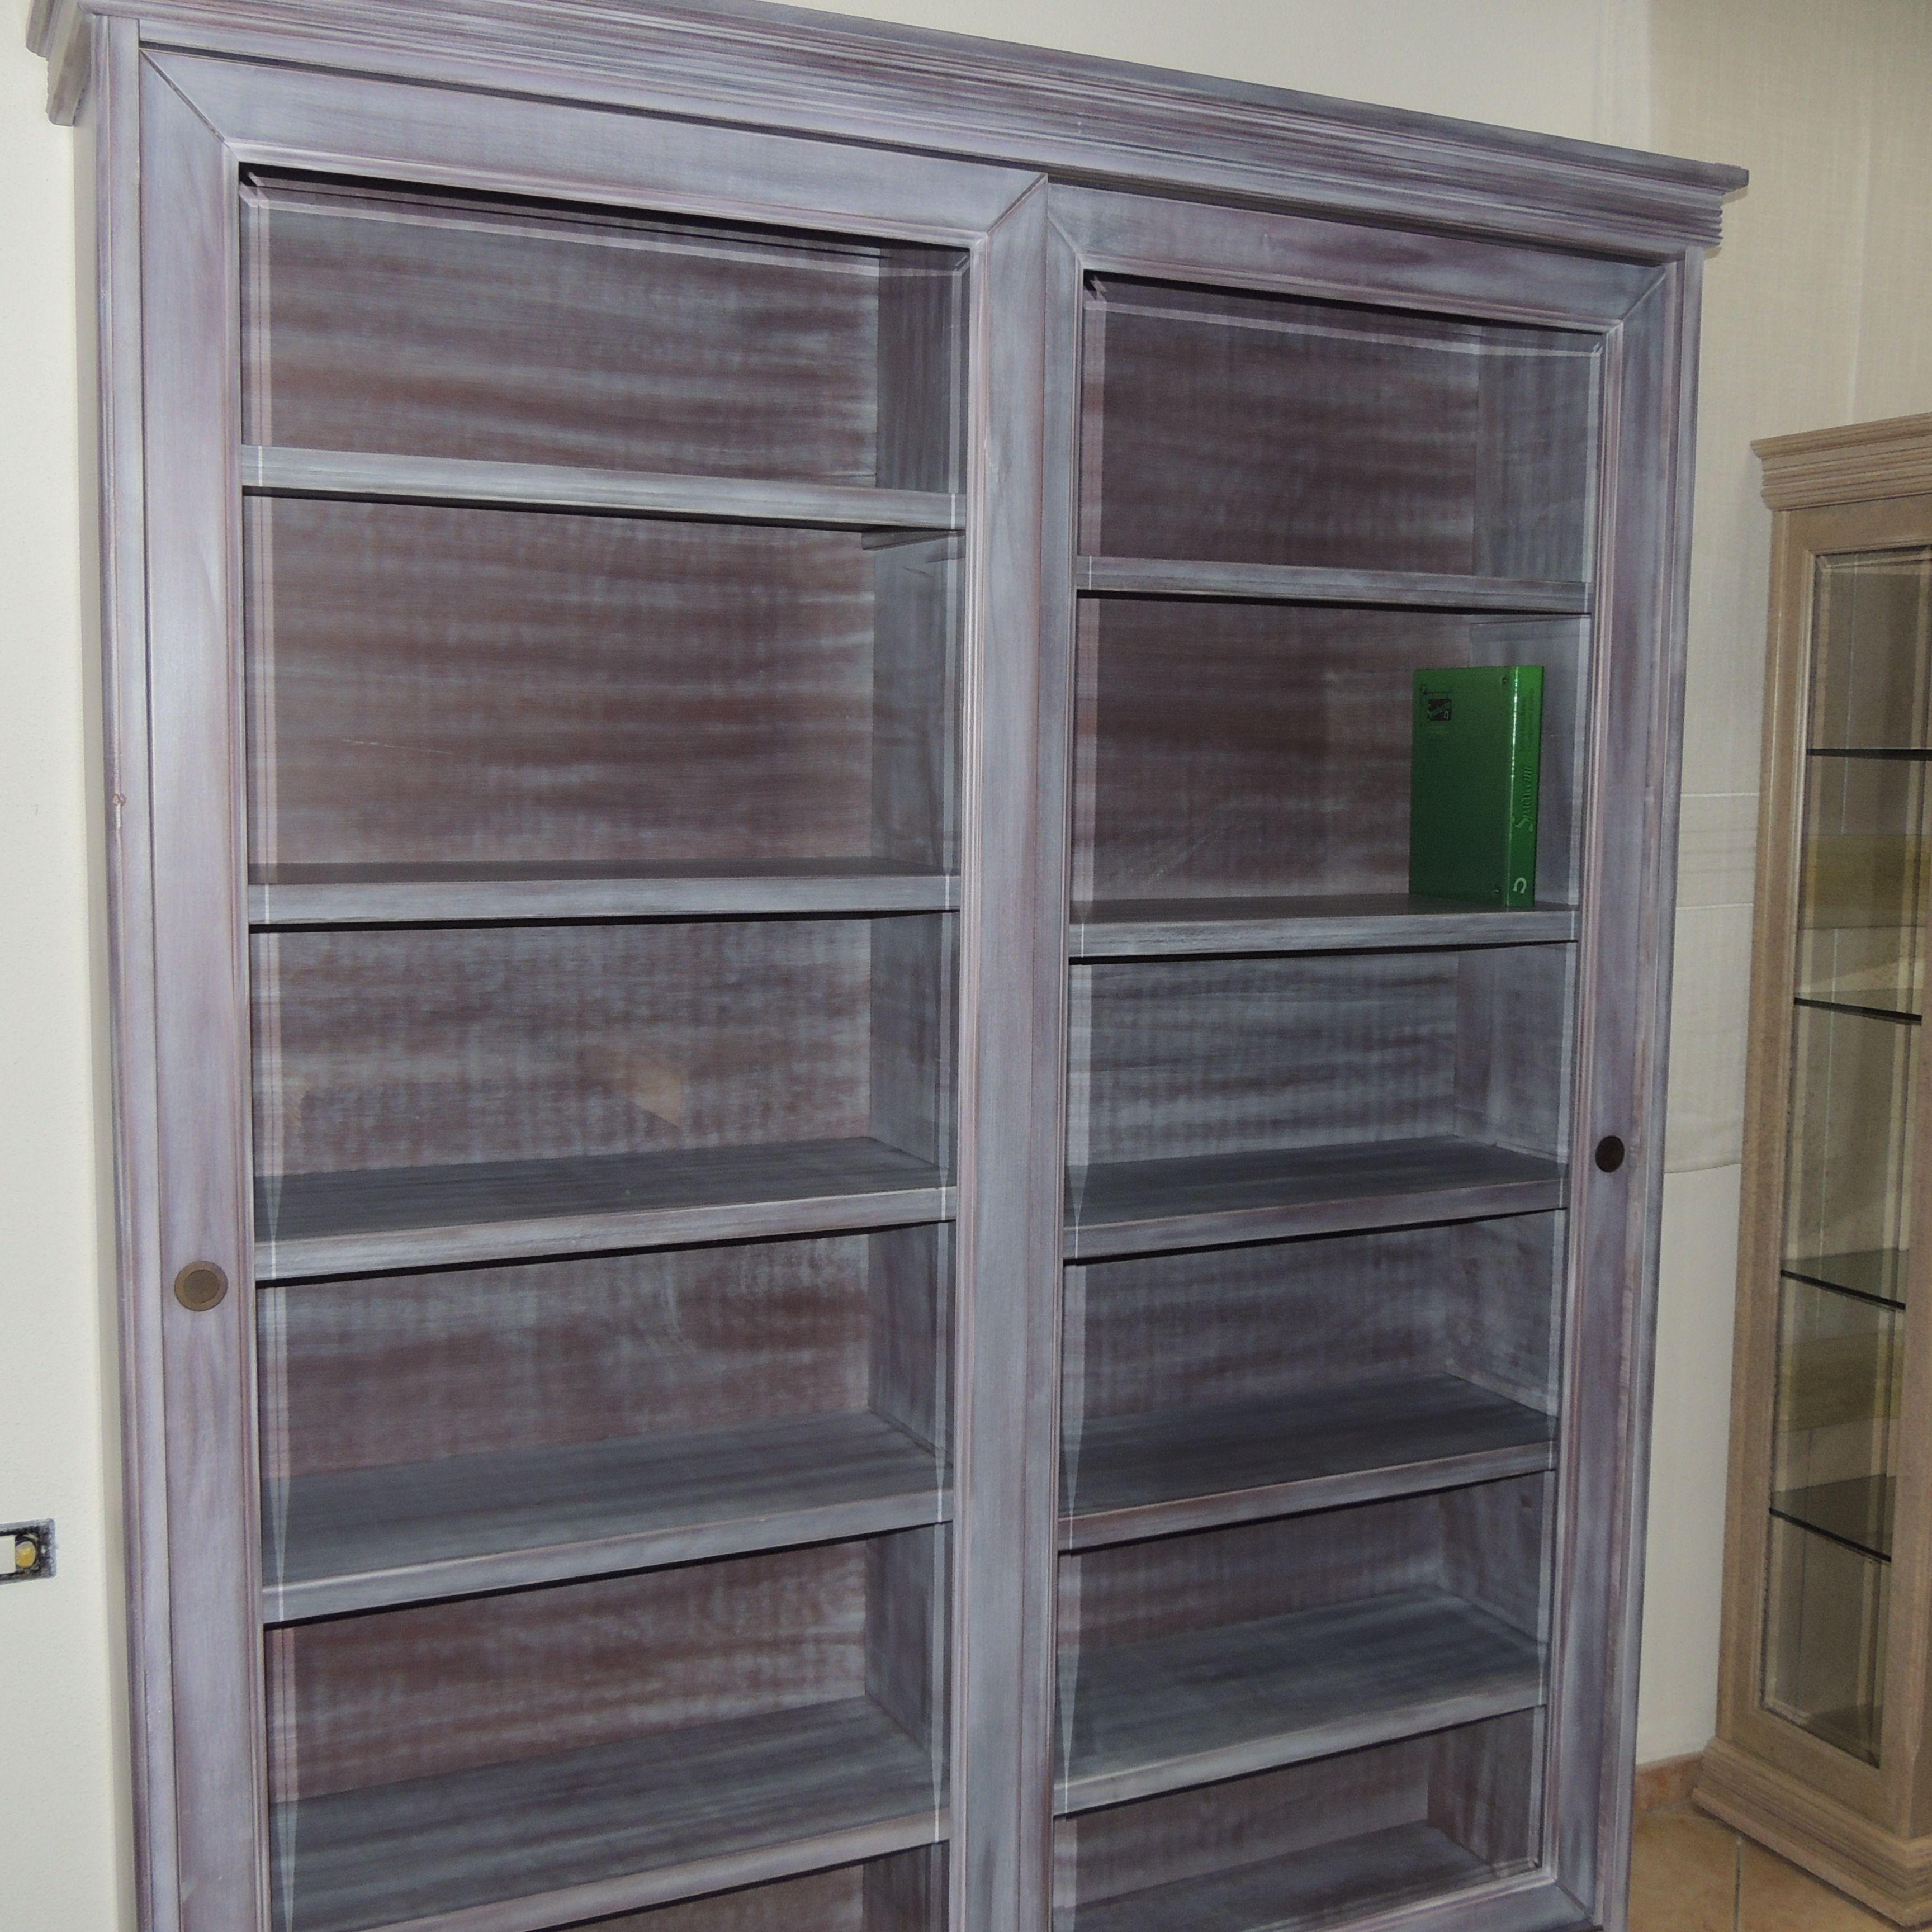 Mobile libreria 240x260 in listellare di legno massello - Libreria mobile ...